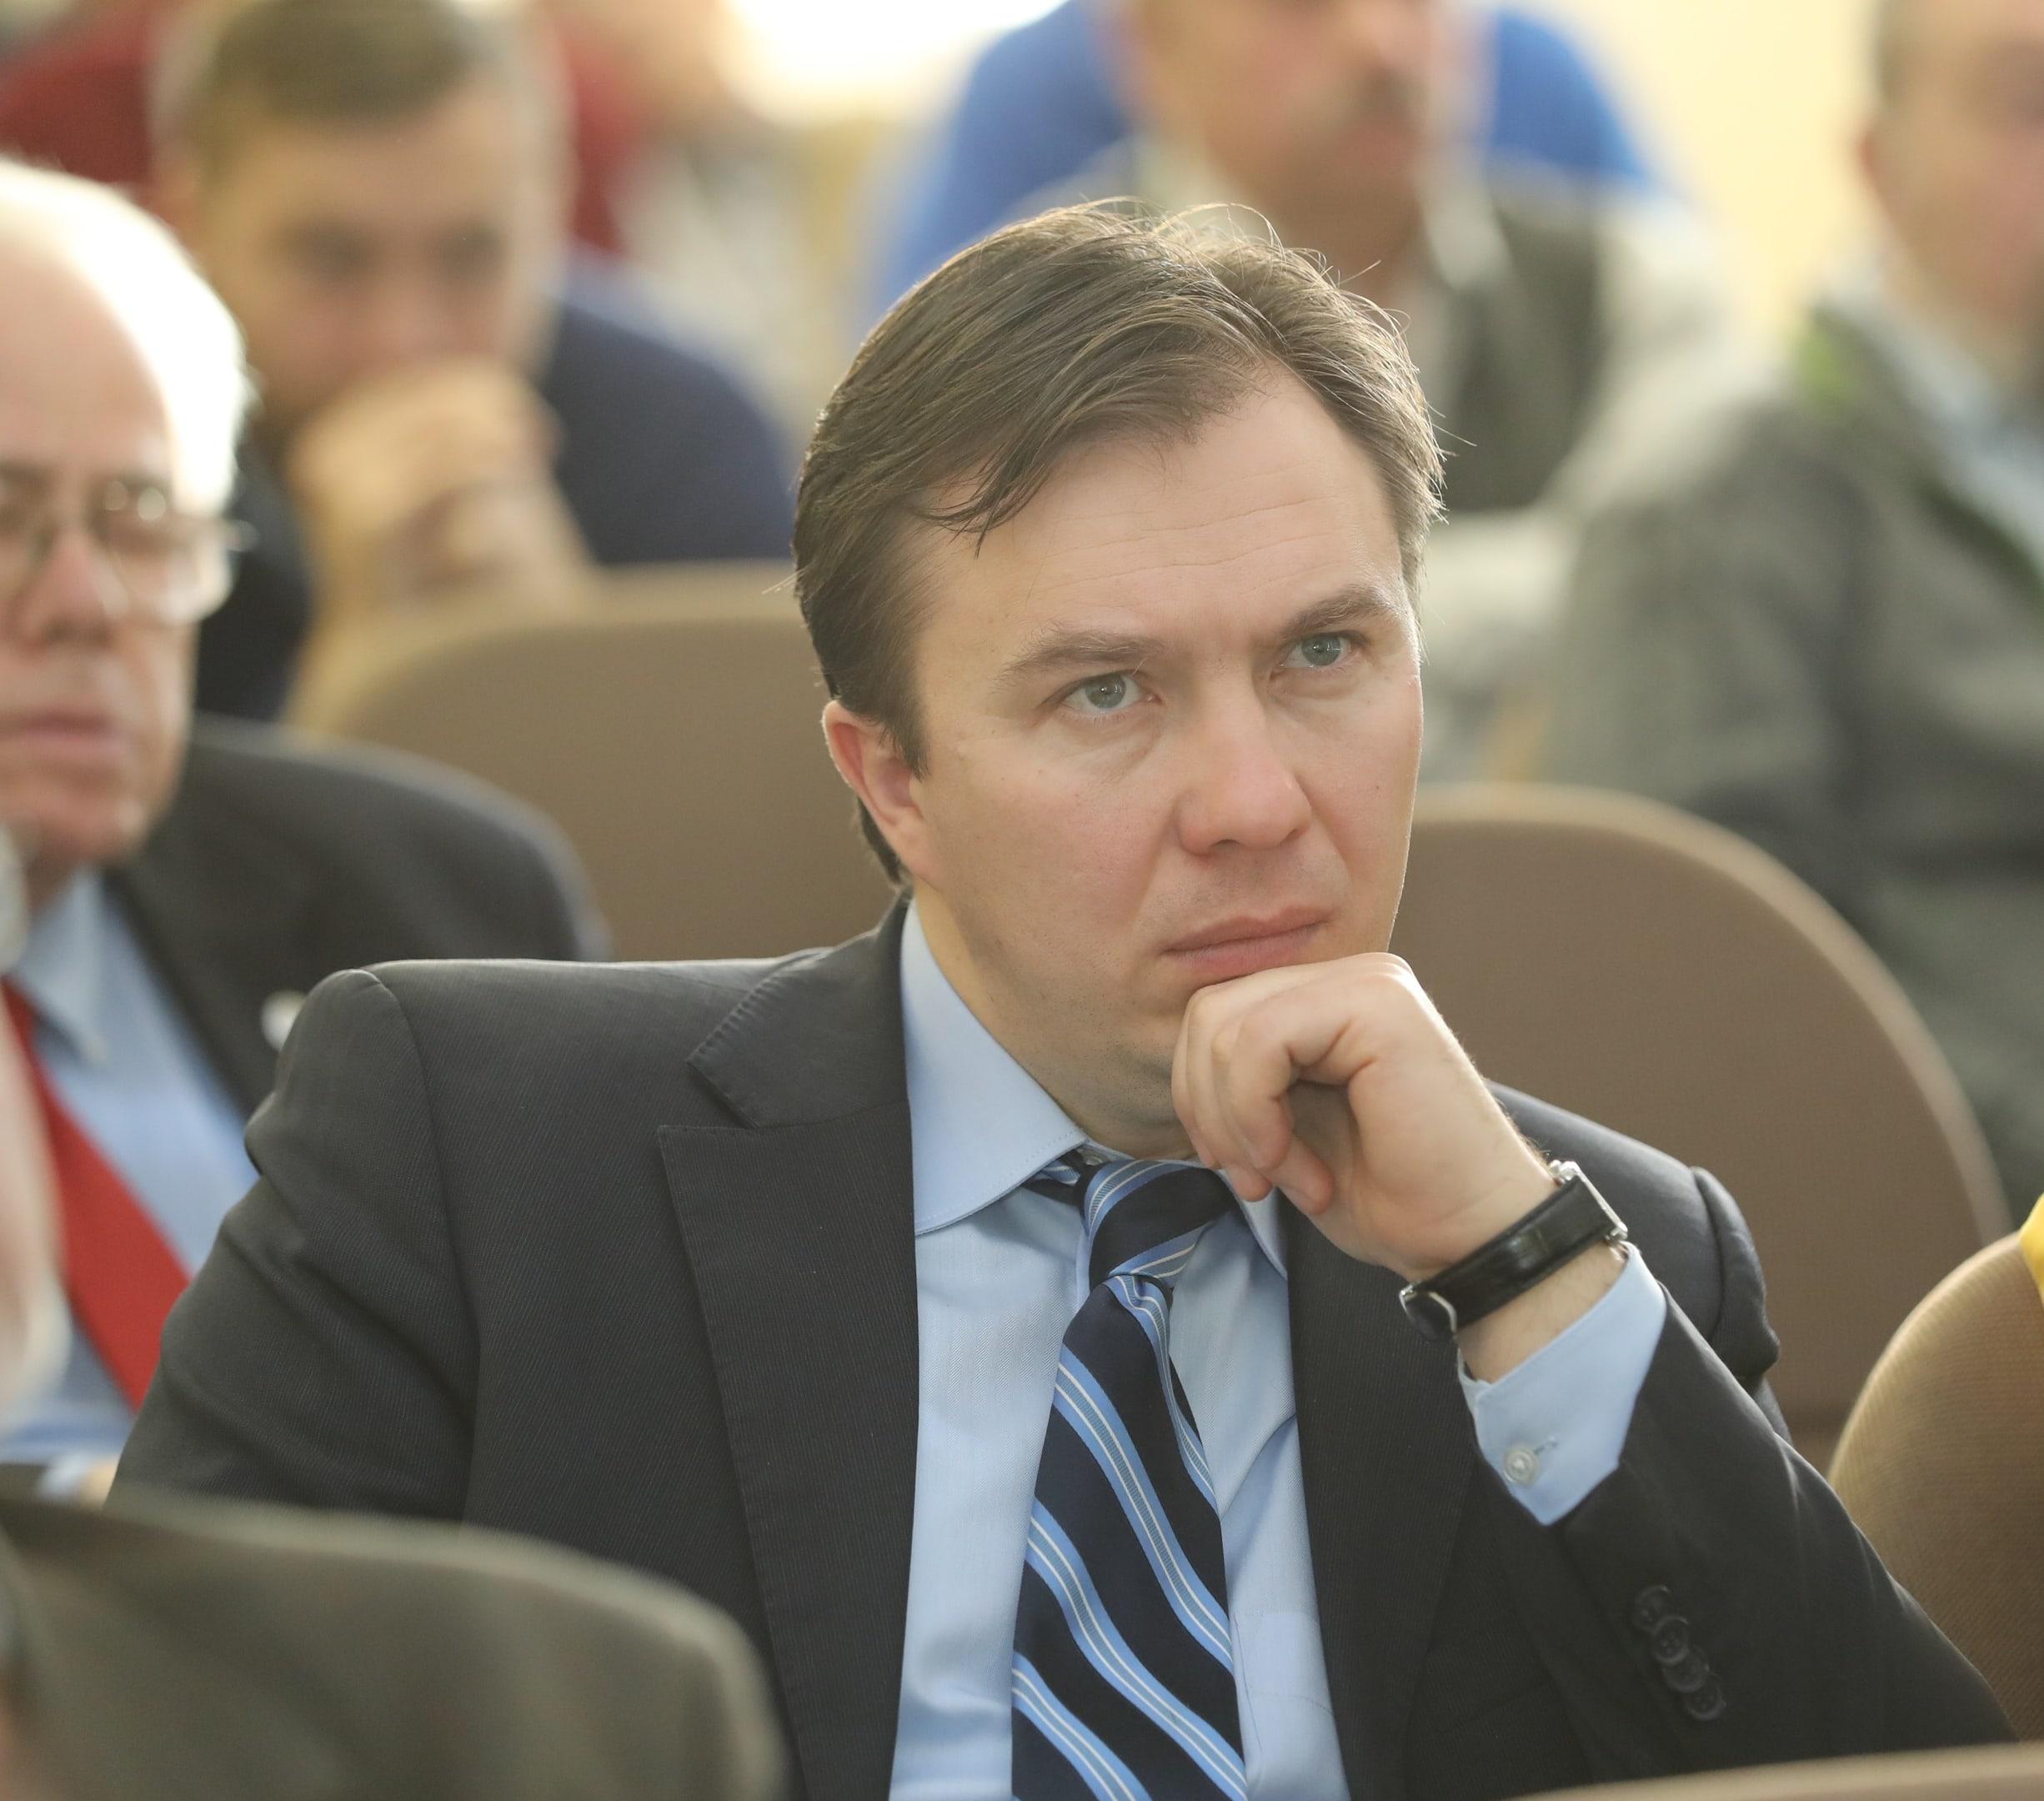 ВРИО главы Дубны назначен заместитель главы администрации Сергей Куликов